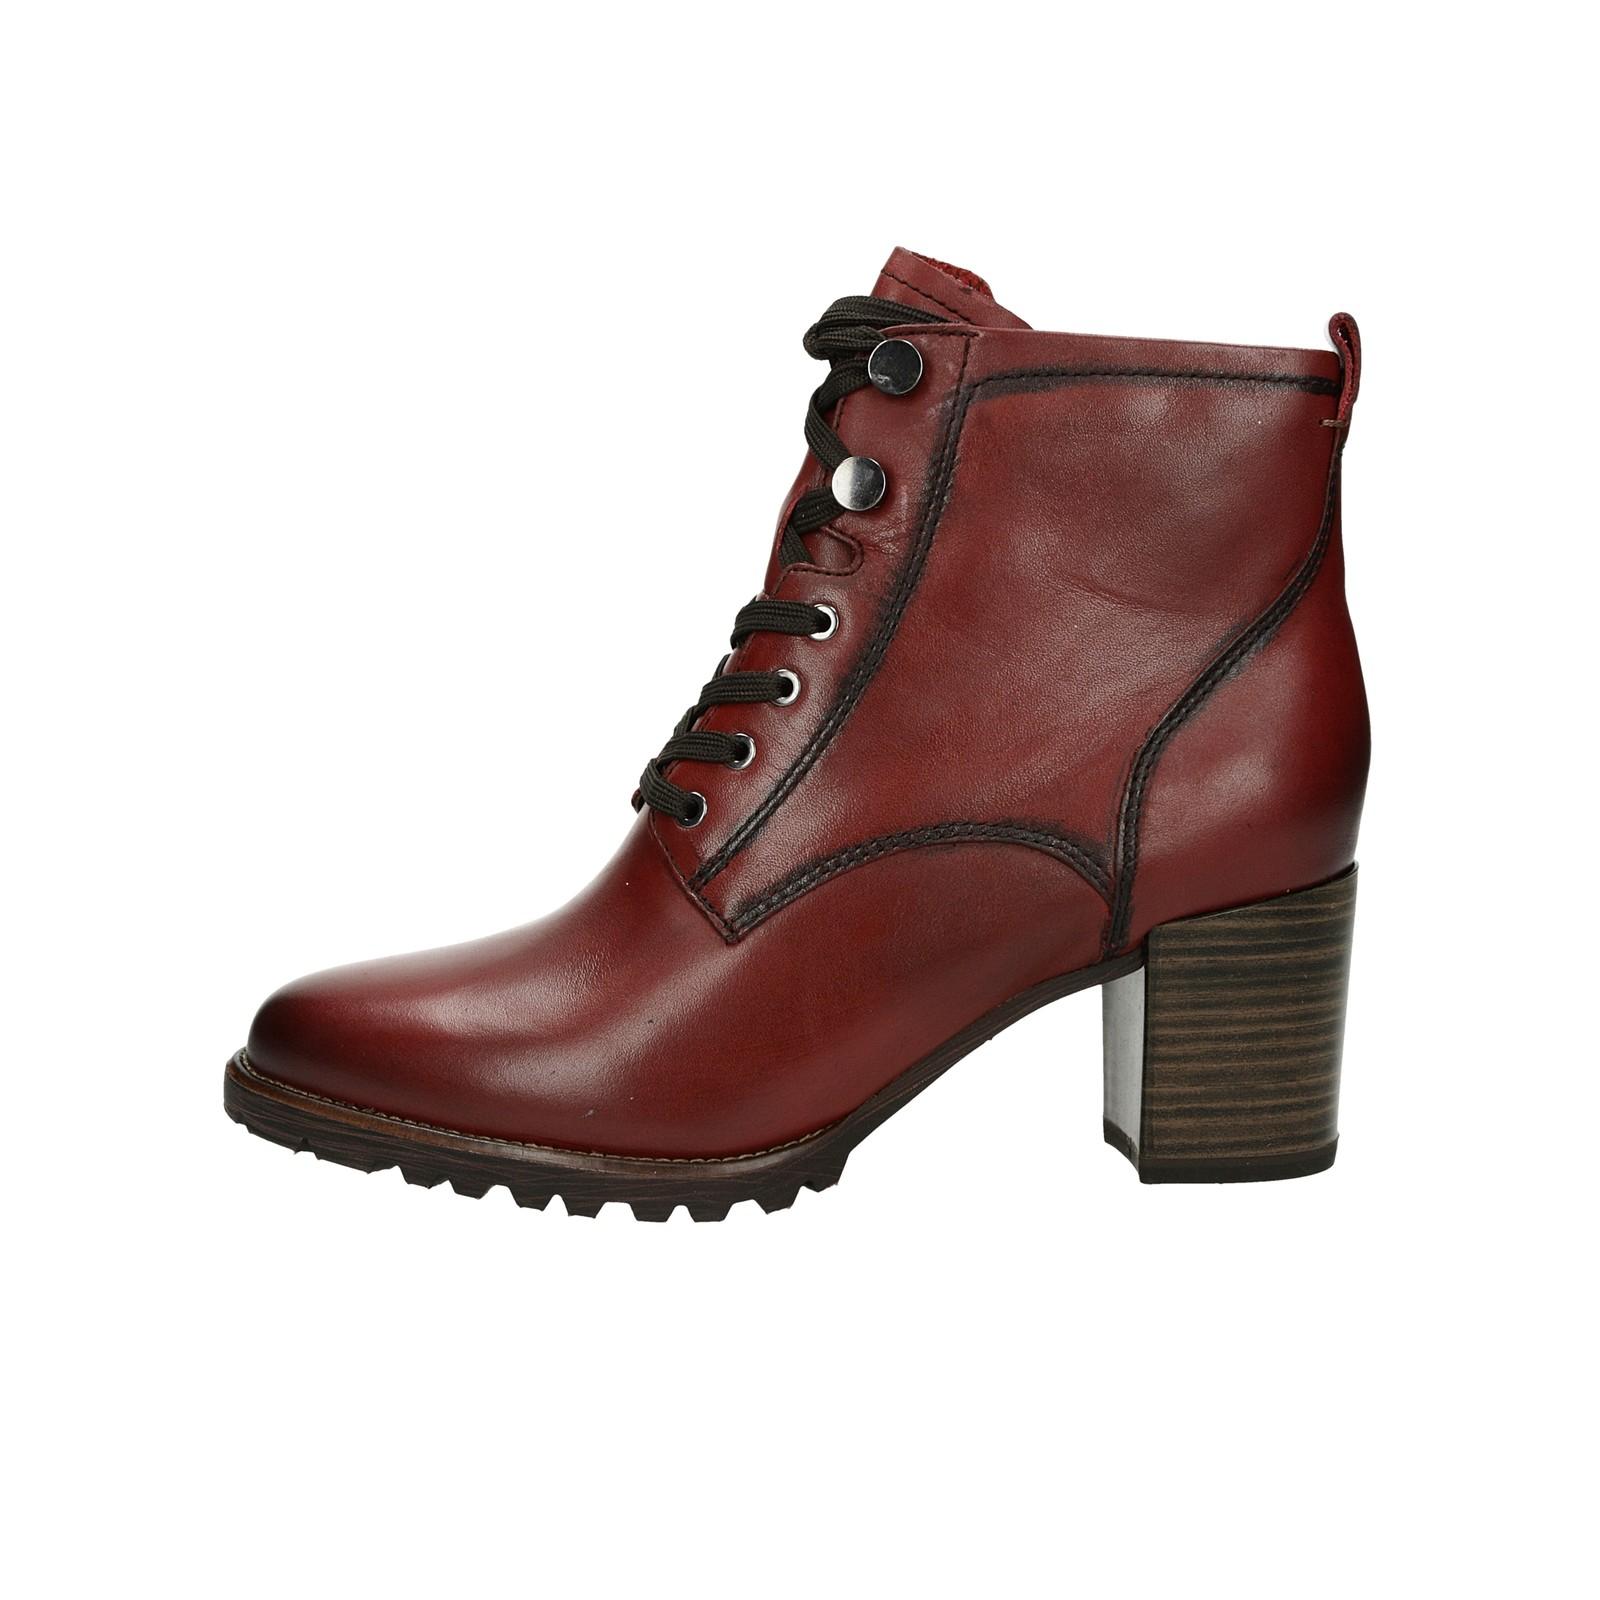 Tamaris dámské kožené stylové kotníkové boty - bordó